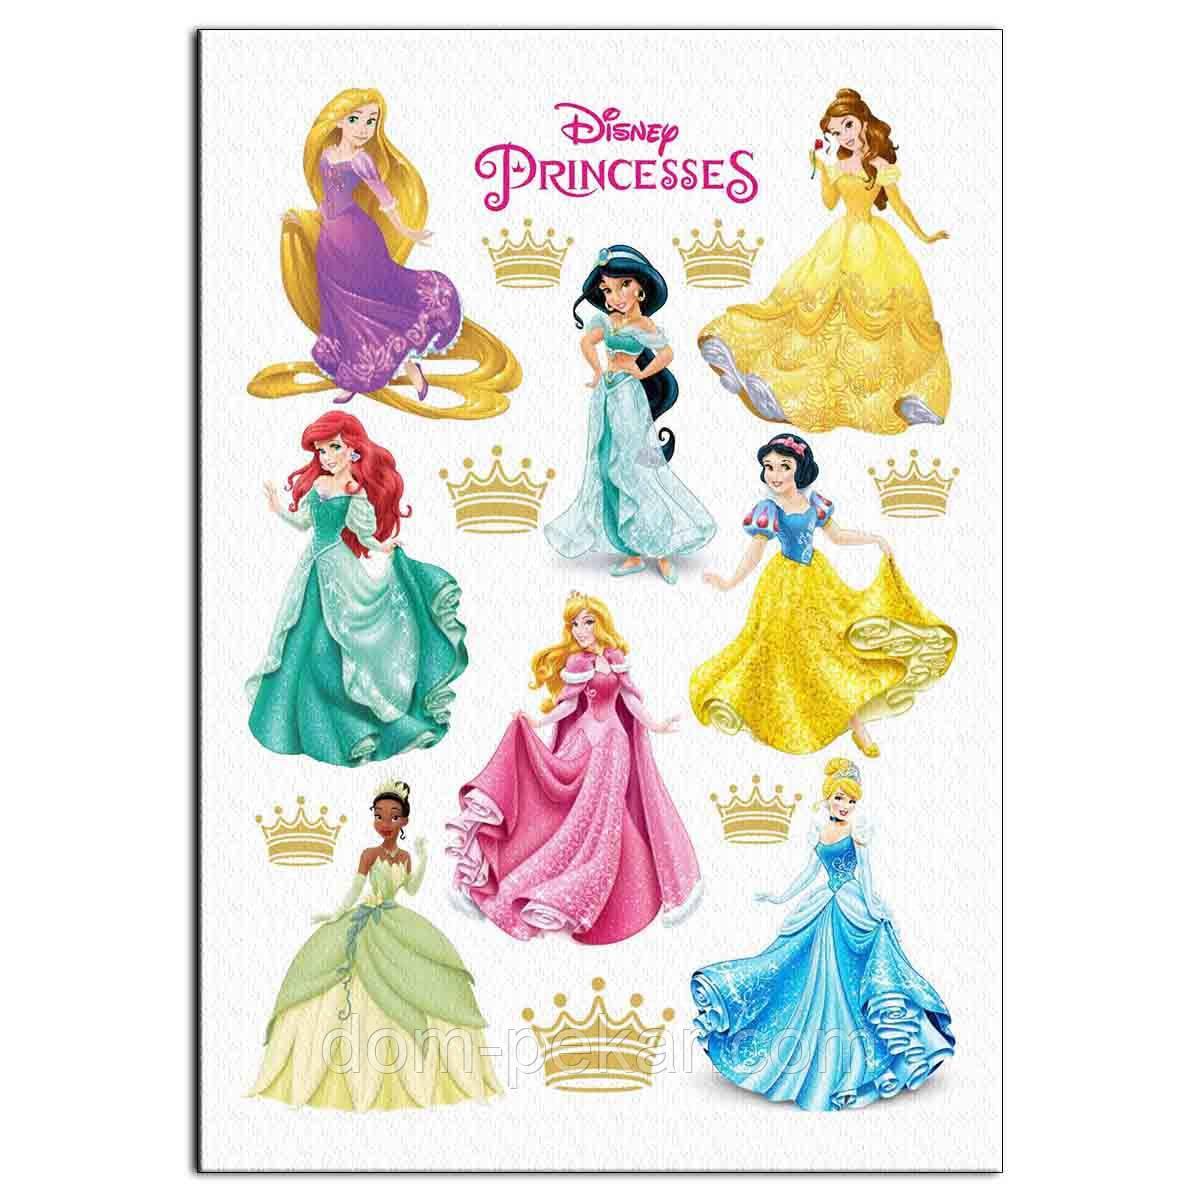 Принцессы 5 10 см вафельная картинка